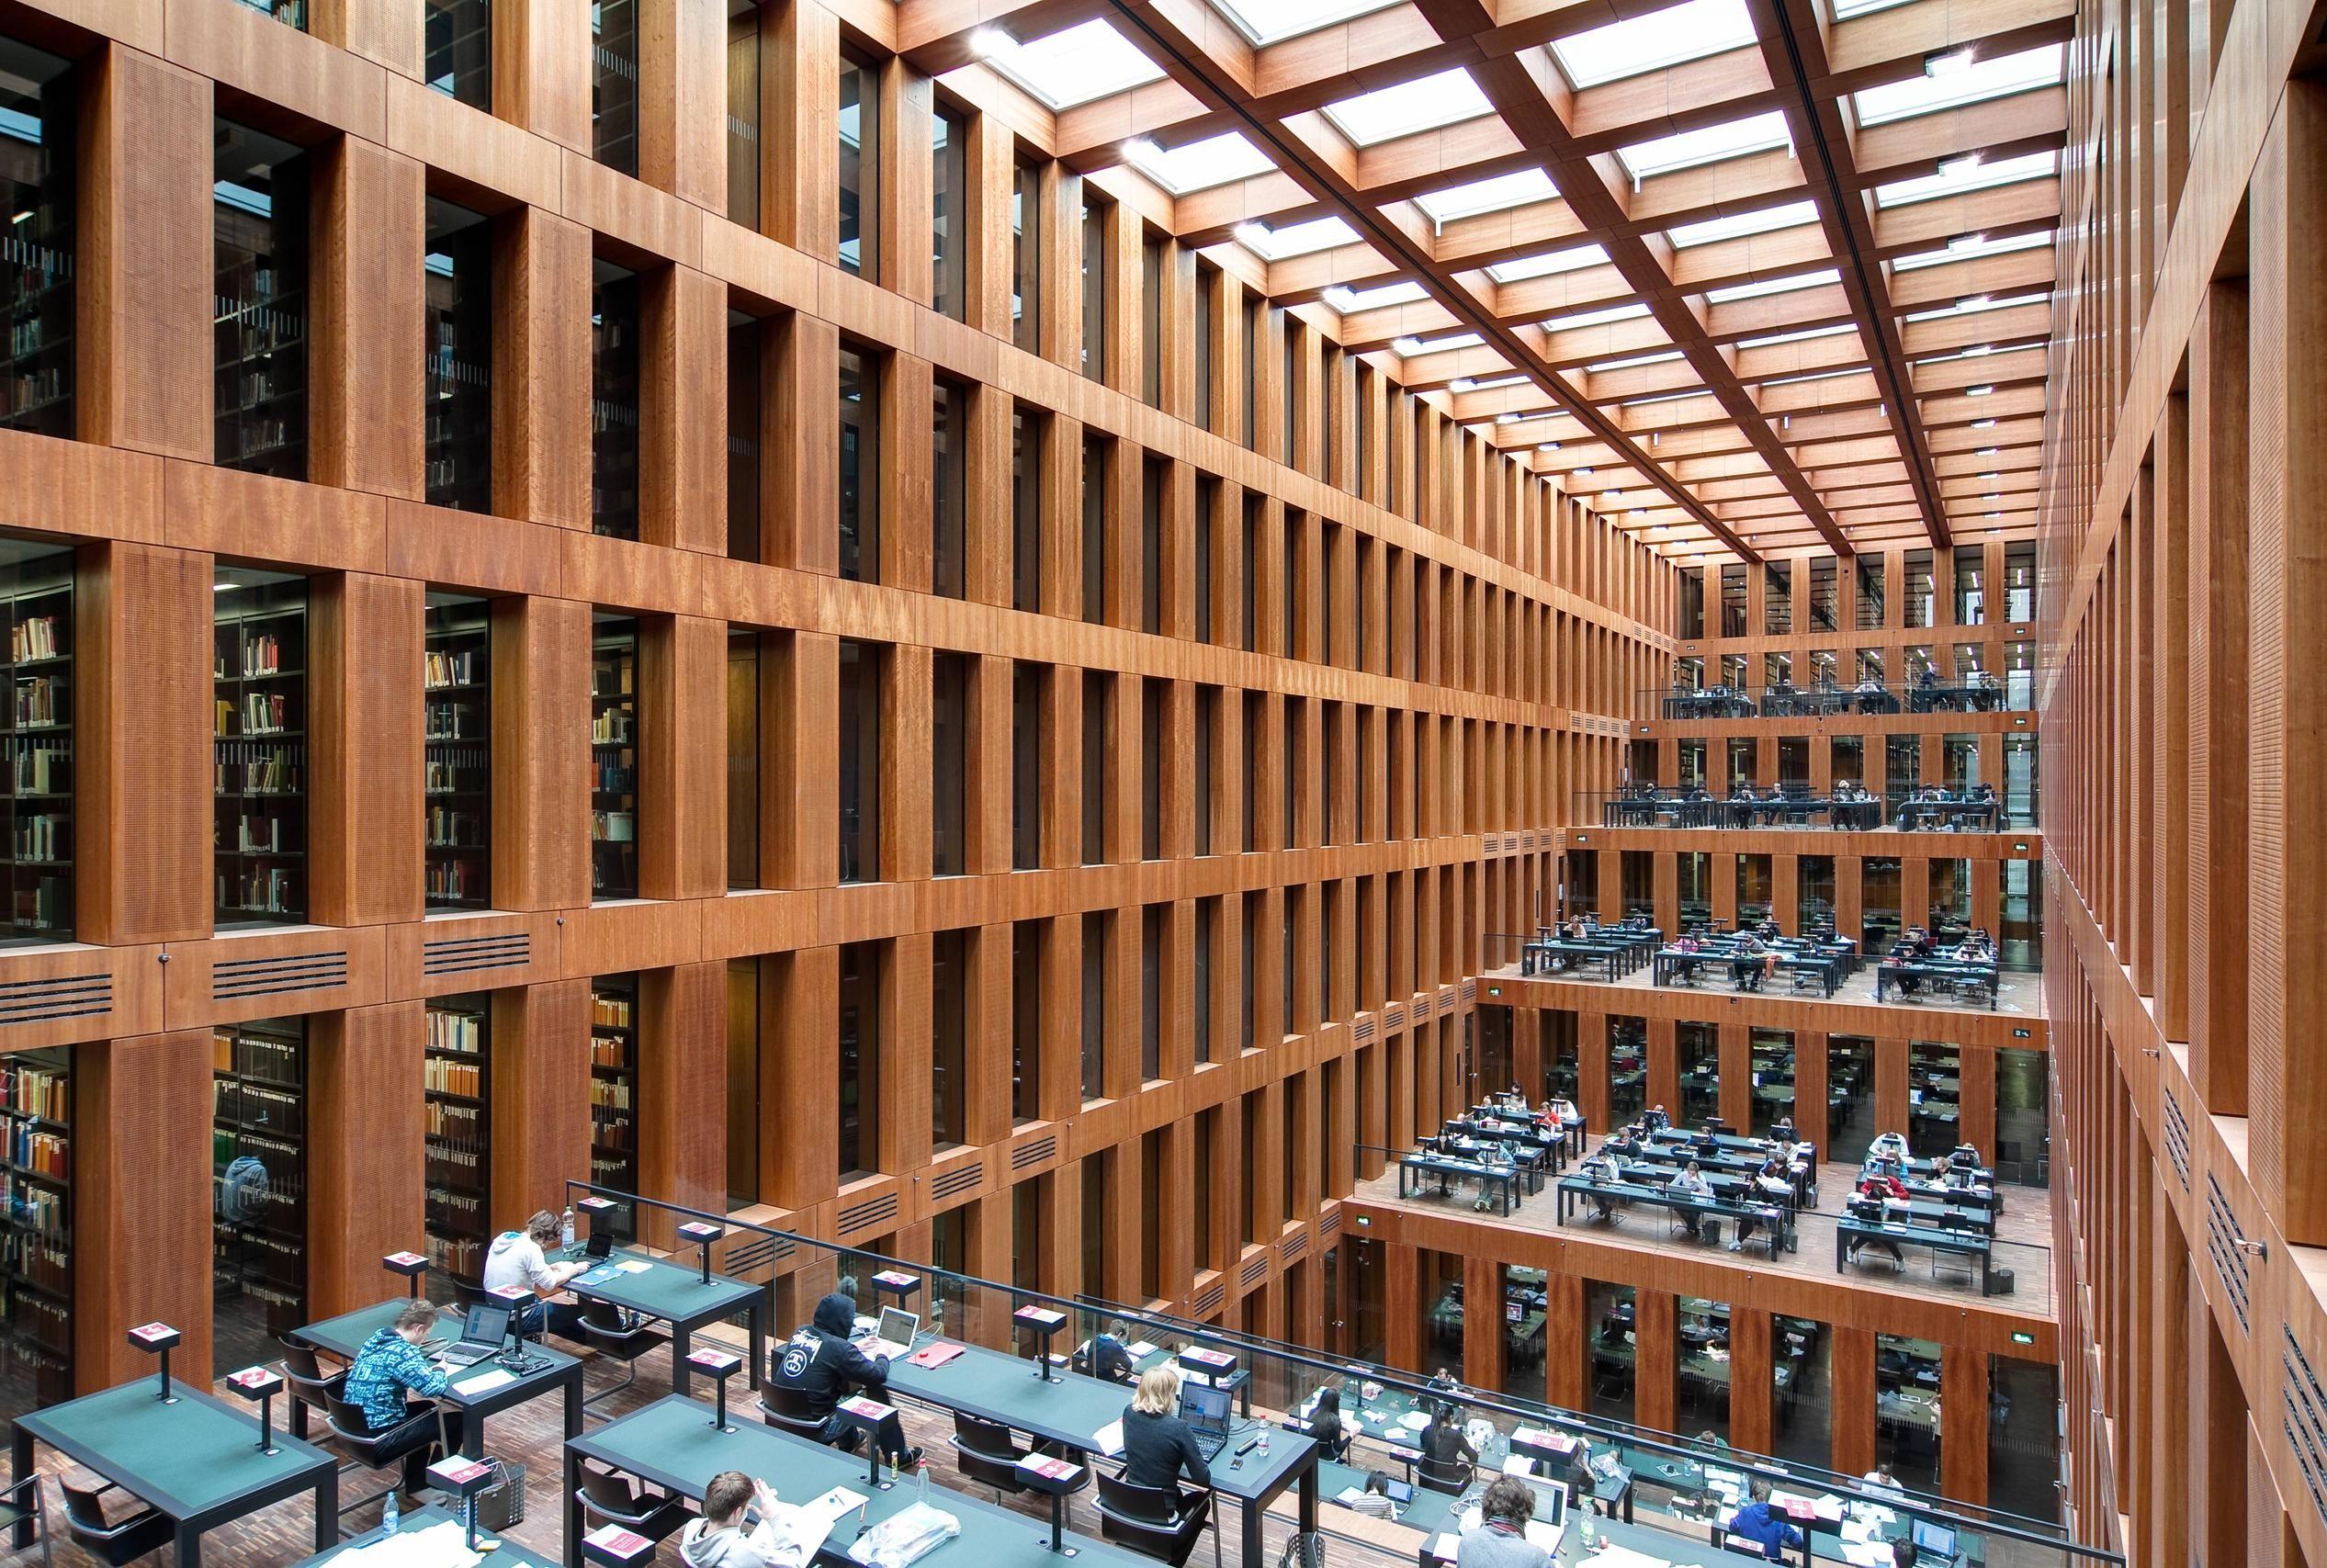 Universidade De Humboldt Berlin Alemanha Com Imagens